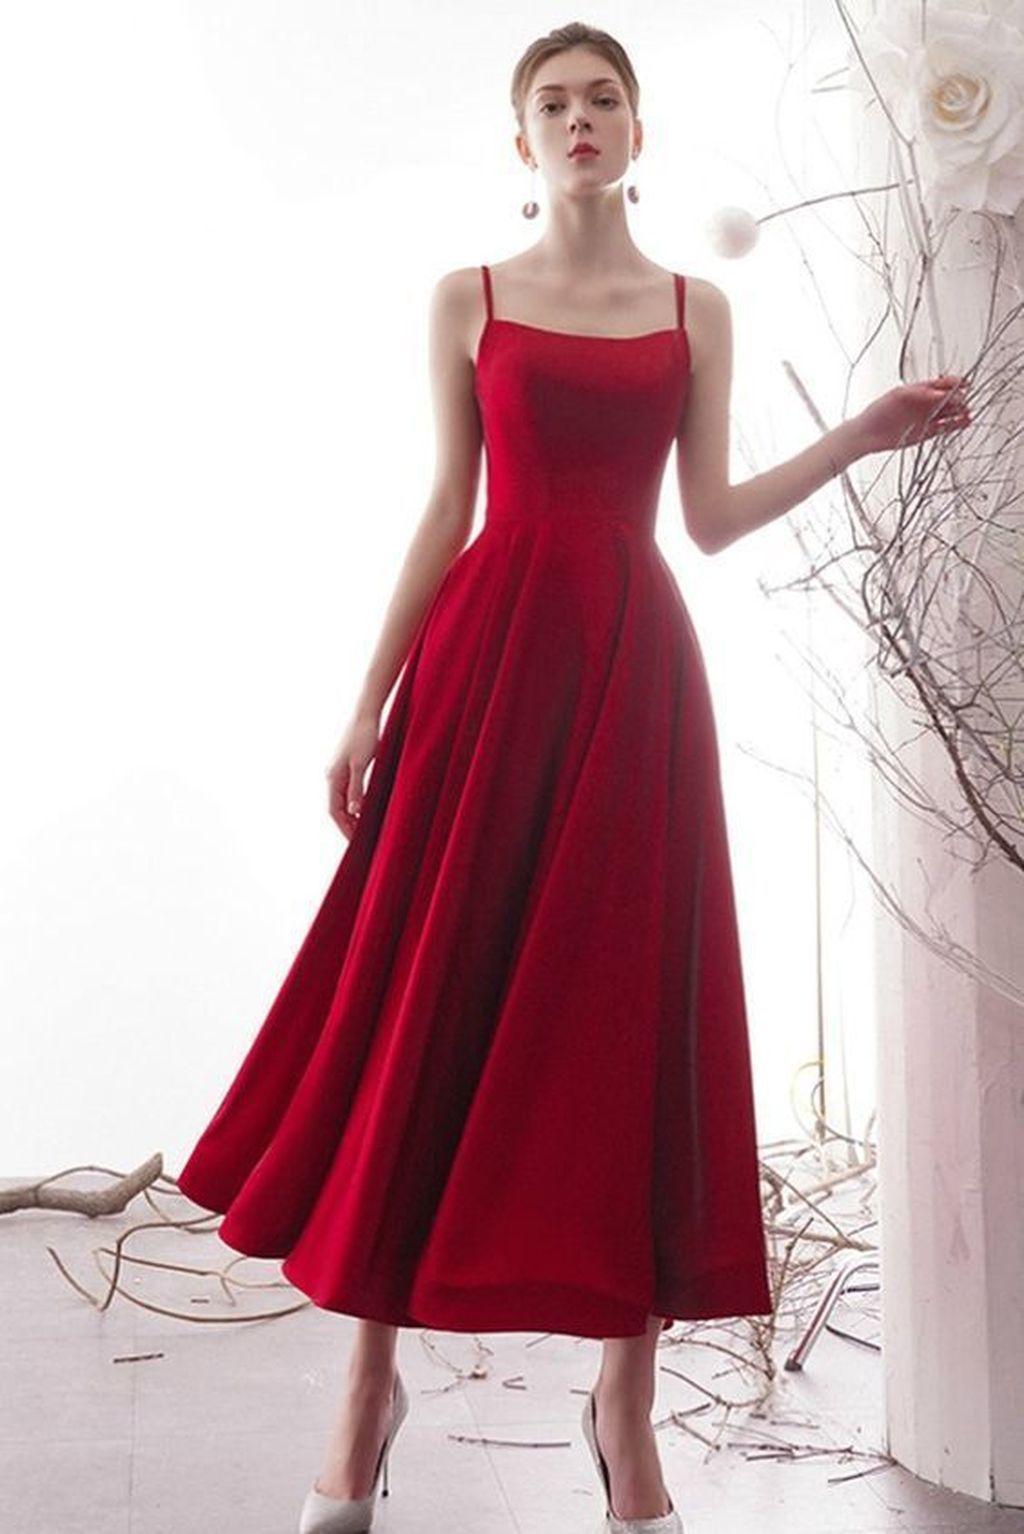 Romantic Dinner Dresses